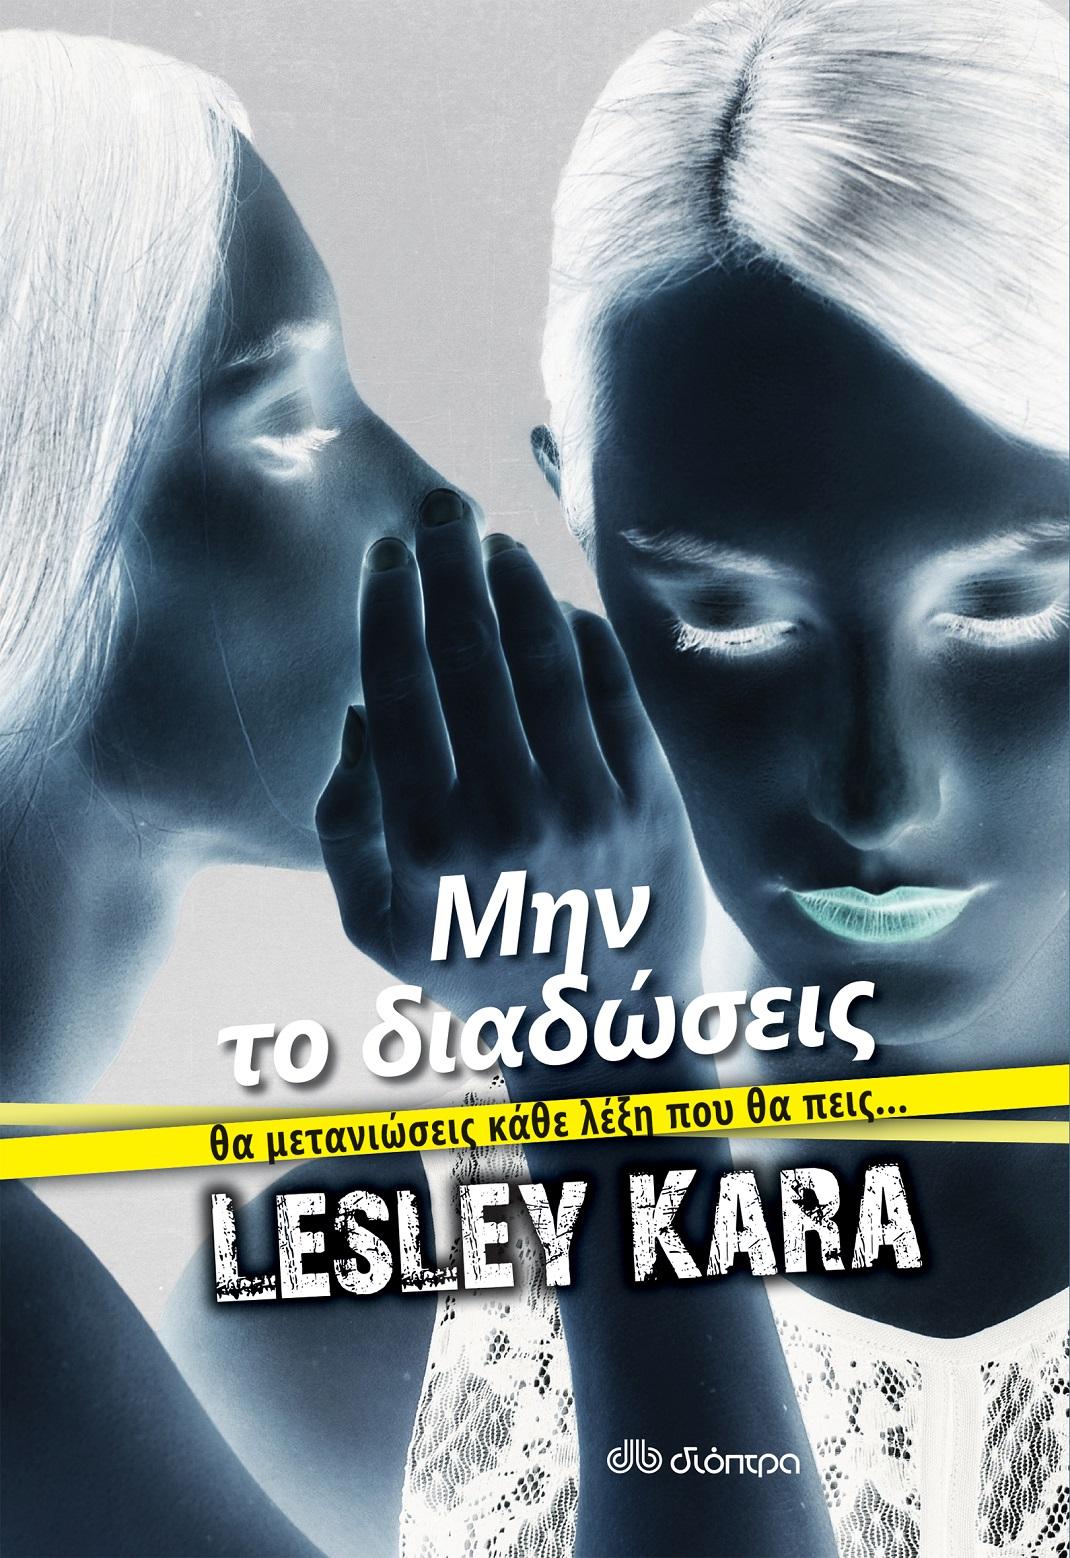 Αν λατρεύεις τα ψυχολογικά θρίλερ, αυτό το βιβλίο δε θα το αφήνεις από τα χέρια σου -Προσοχή: Θα χάσεις τον ύπνοσου